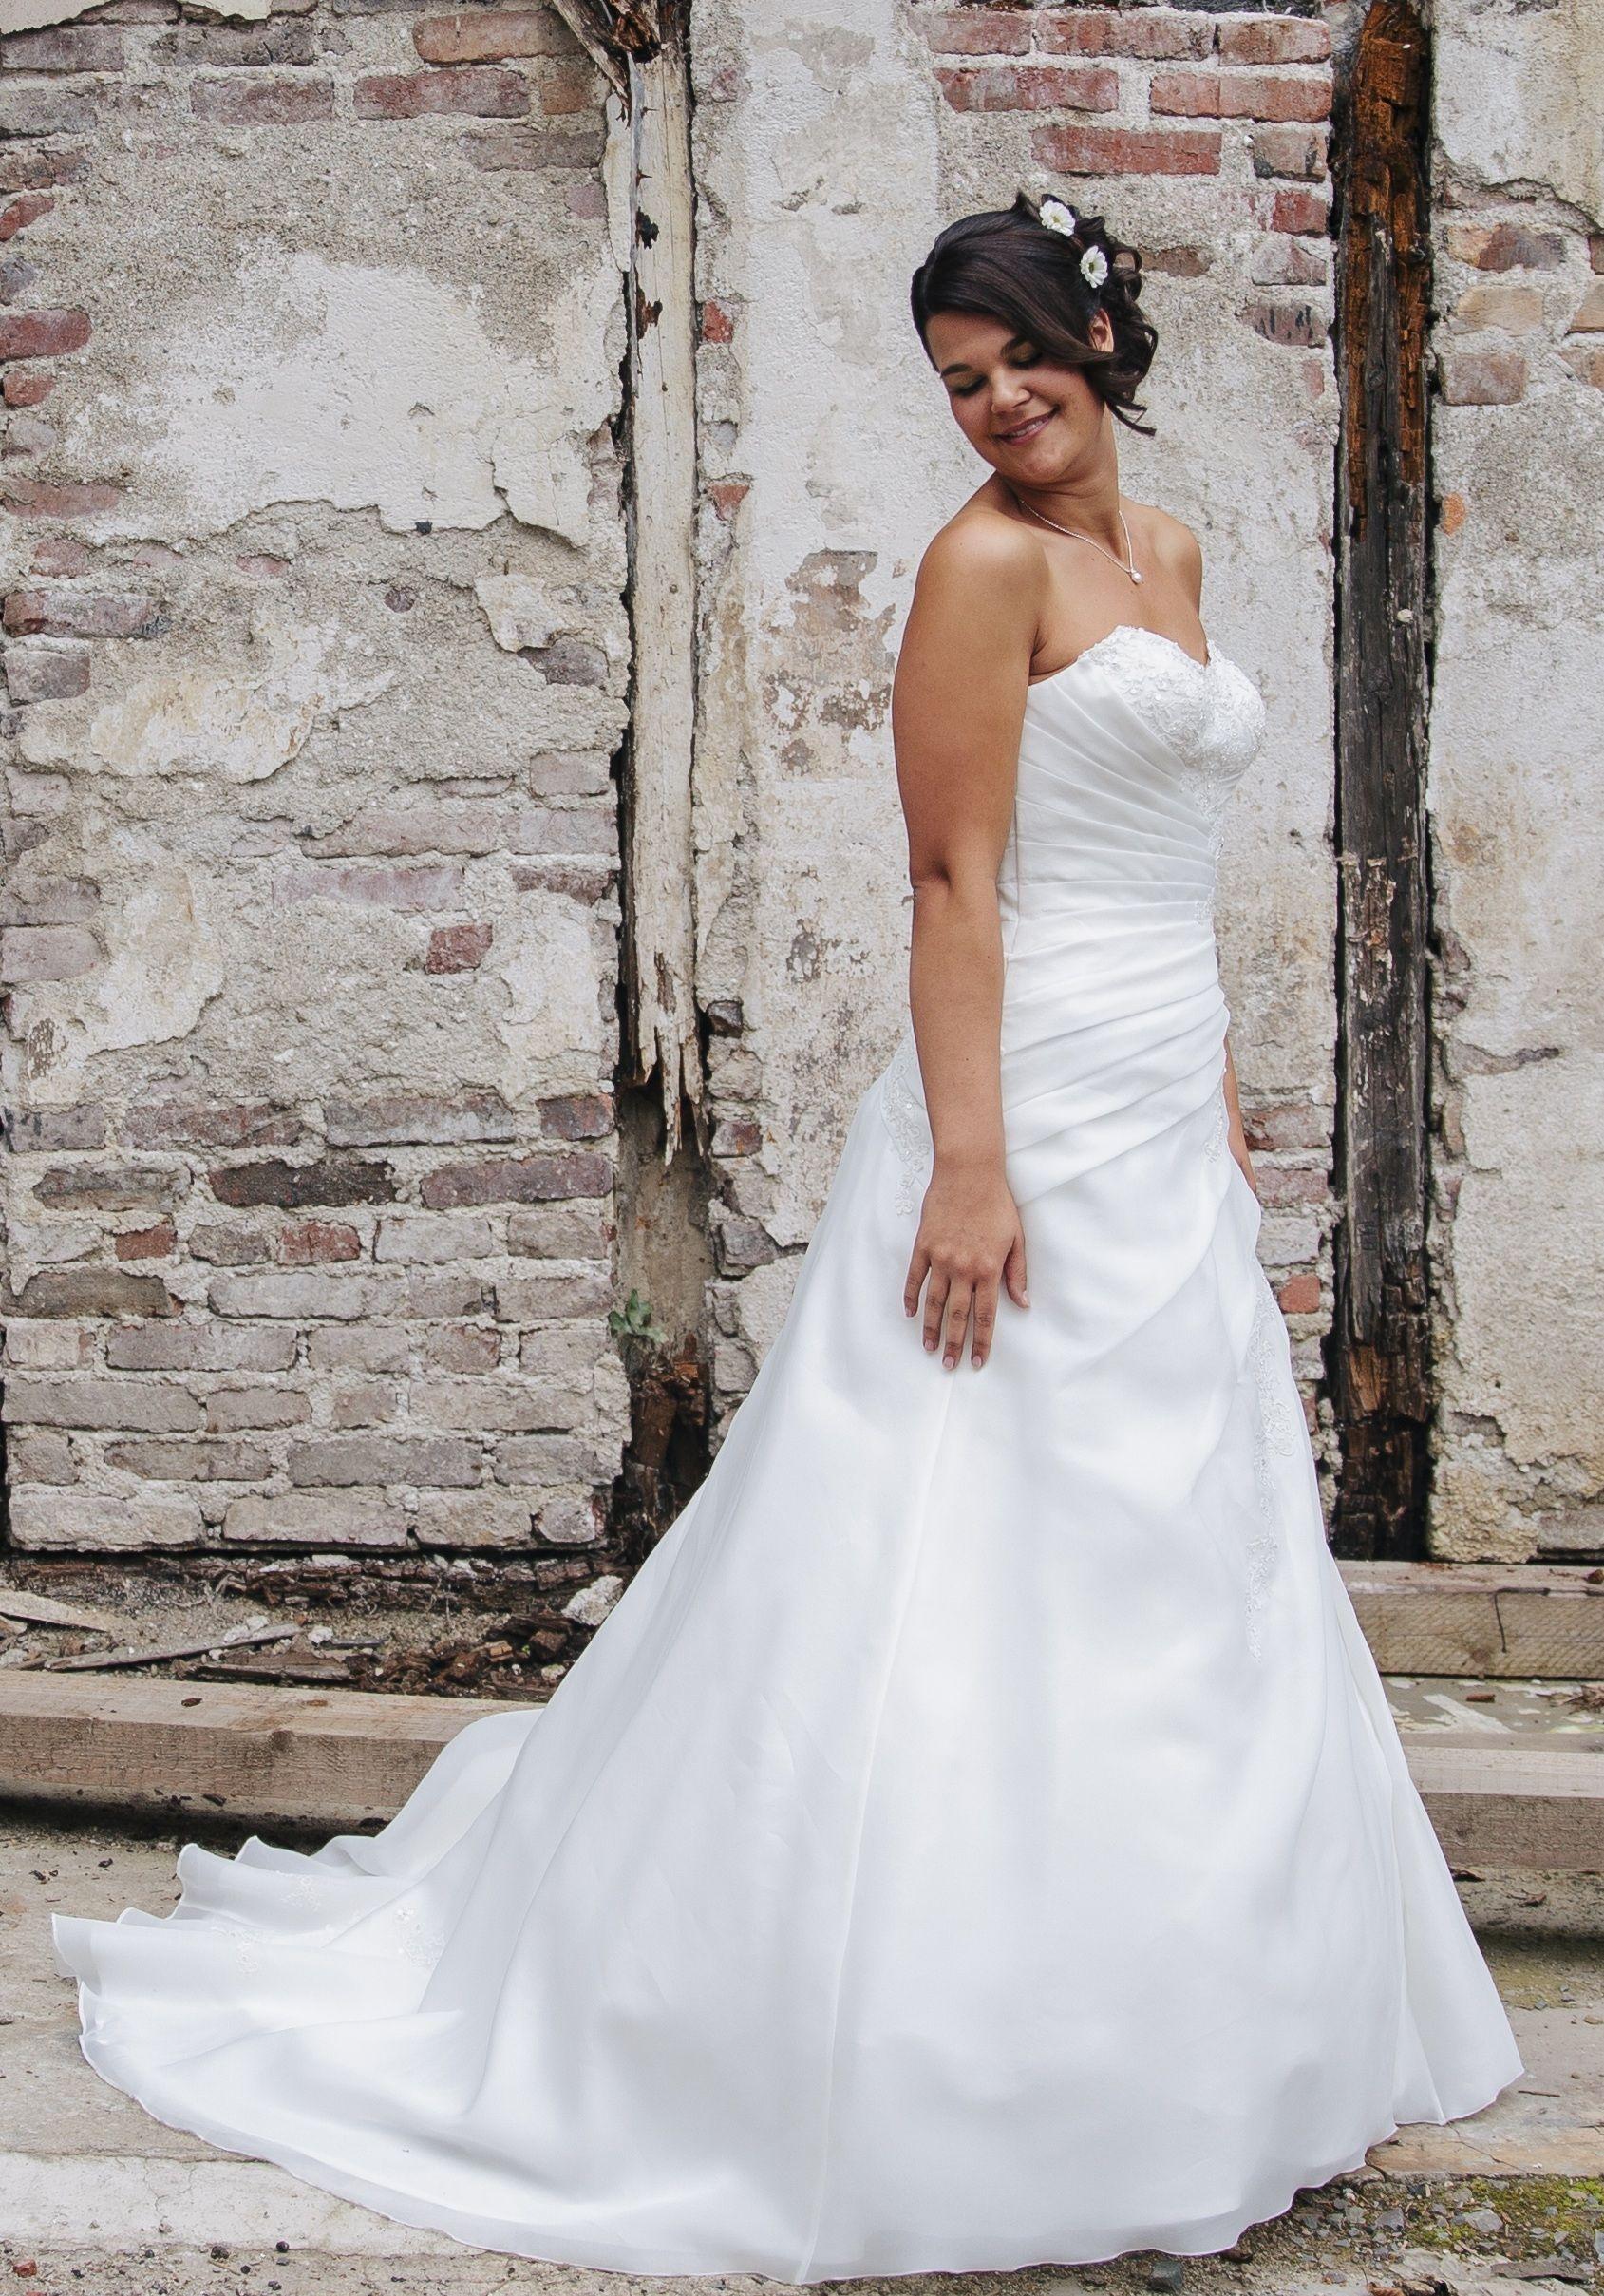 Sweetheart Brautkleid - Traumhaftes Hochzeitskleid in Größe 40 zu ...